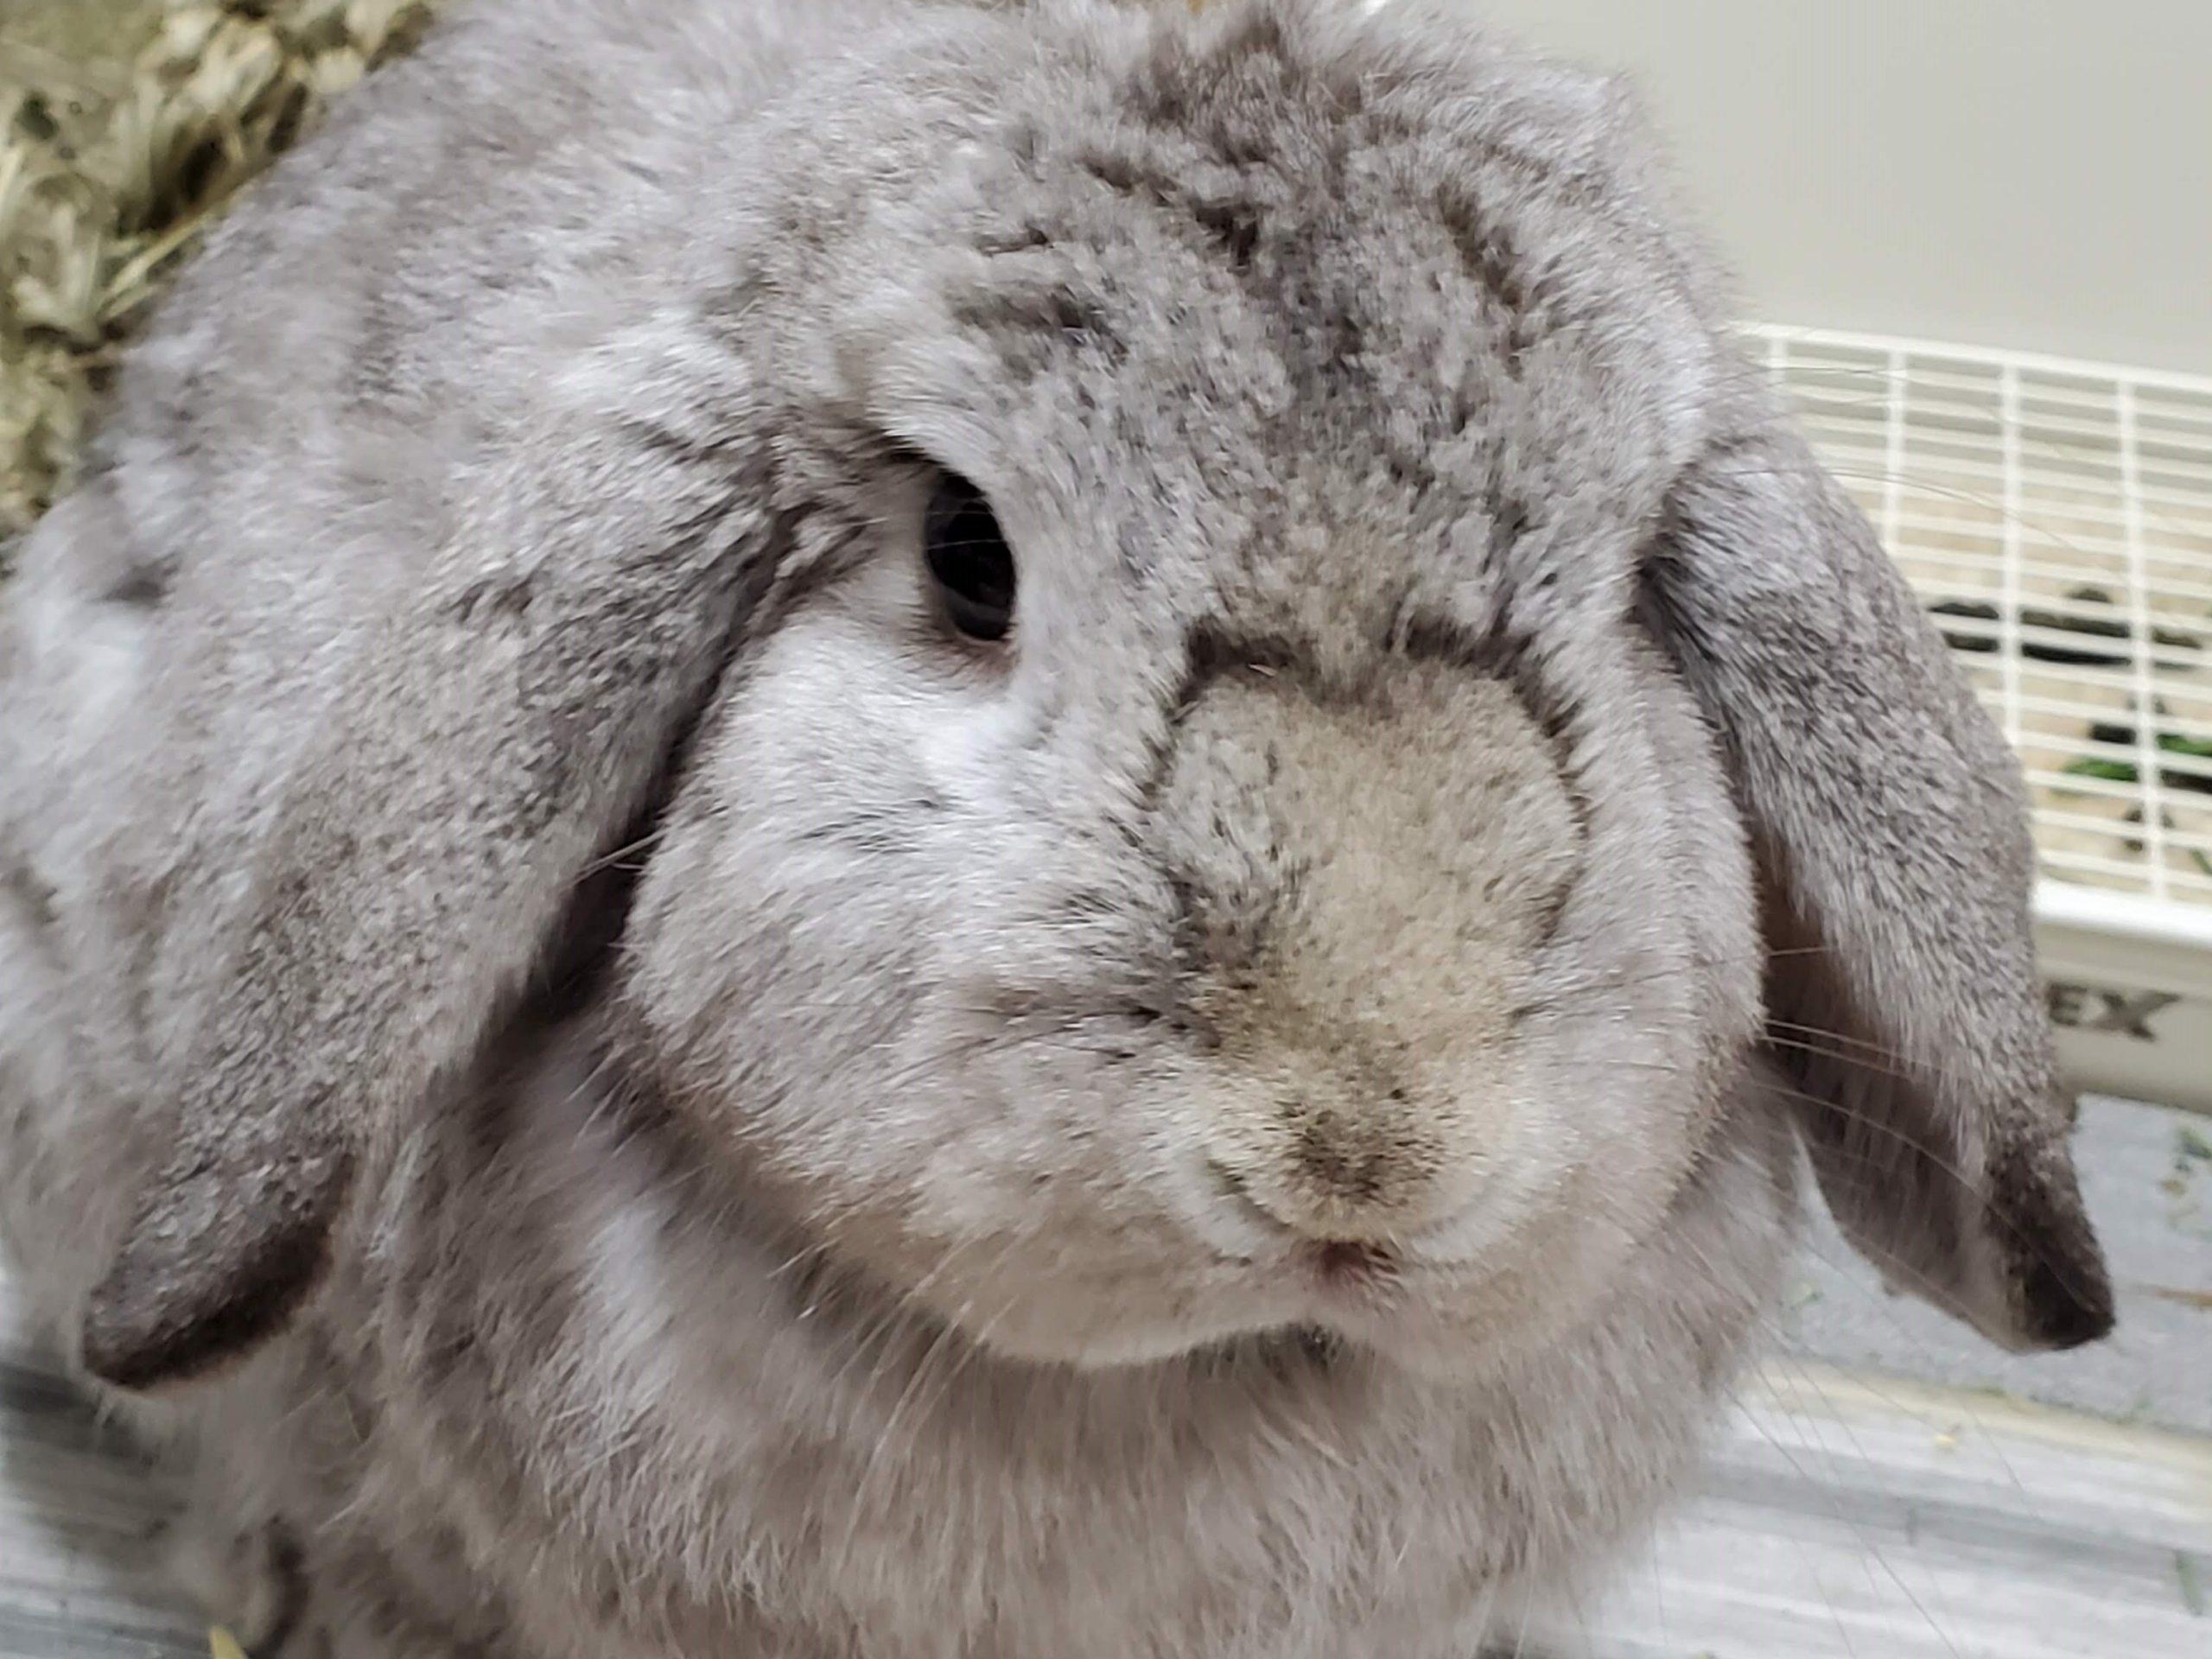 【ズボラ女子とわがままウサギ vol.9】ニンジンはダメ!? ウサギに与える食べ物の重要性